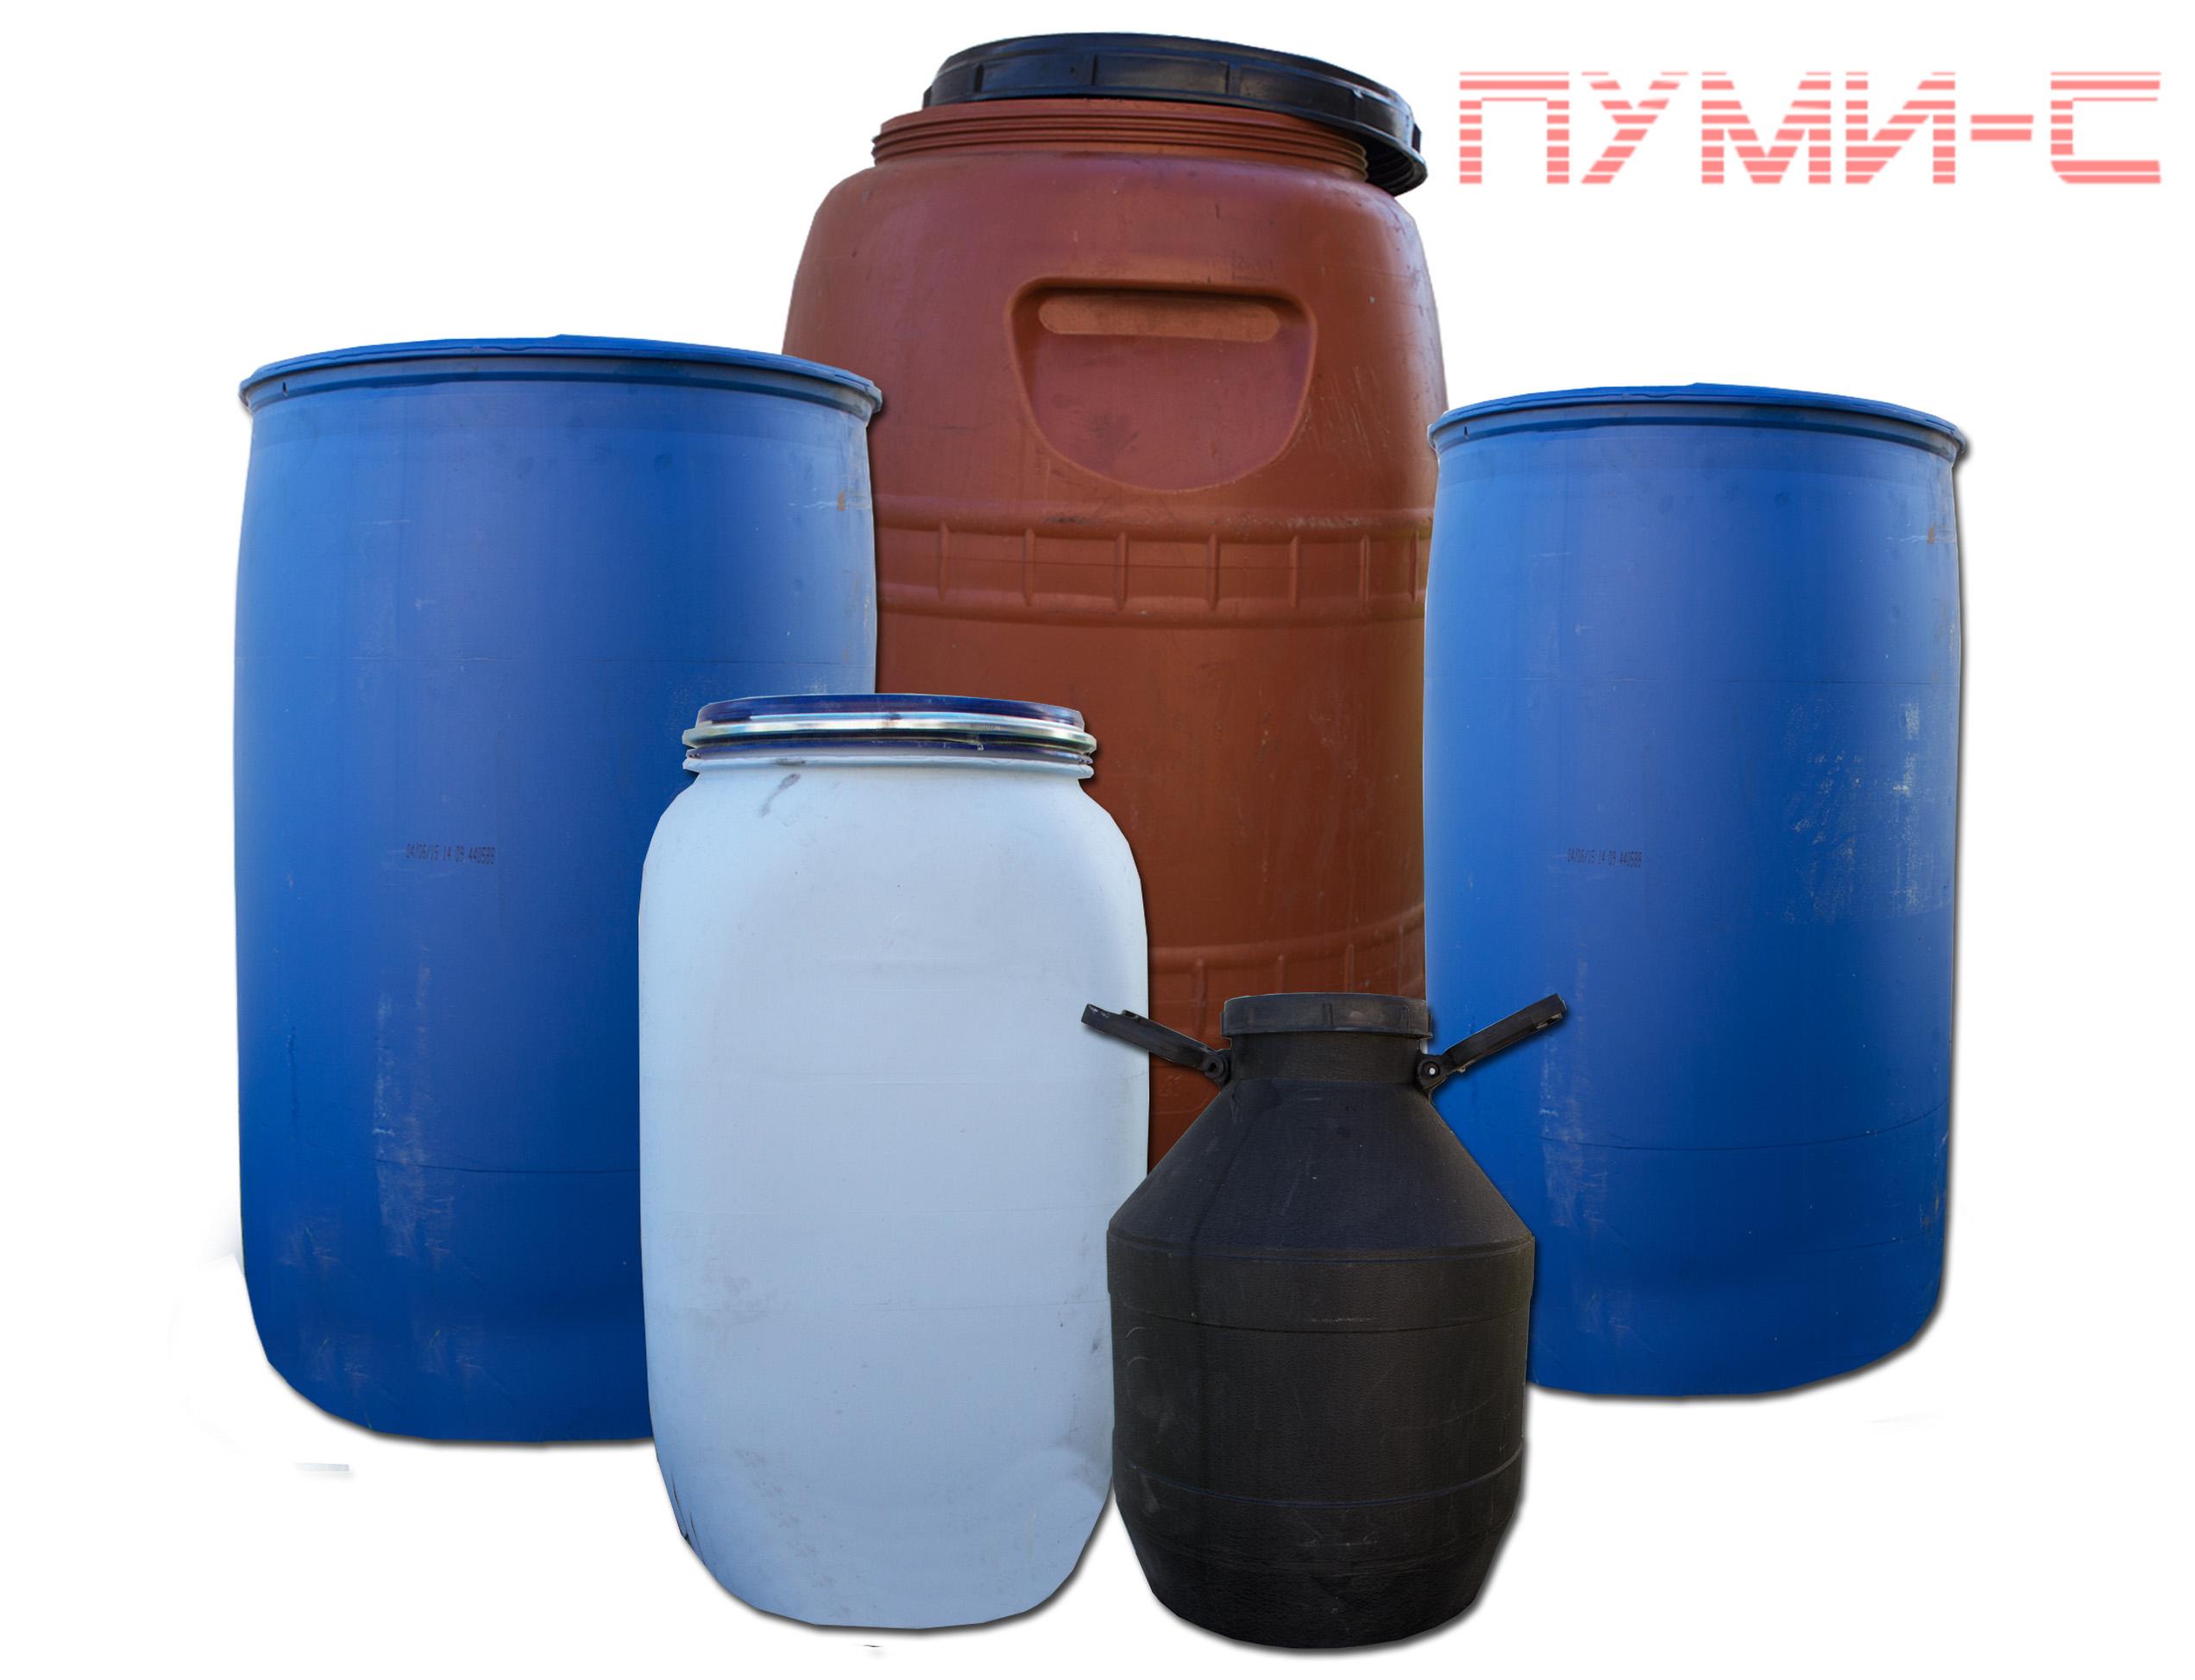 Бочки пластиковые 200 л, 60, 80, 40 л купить в Минске